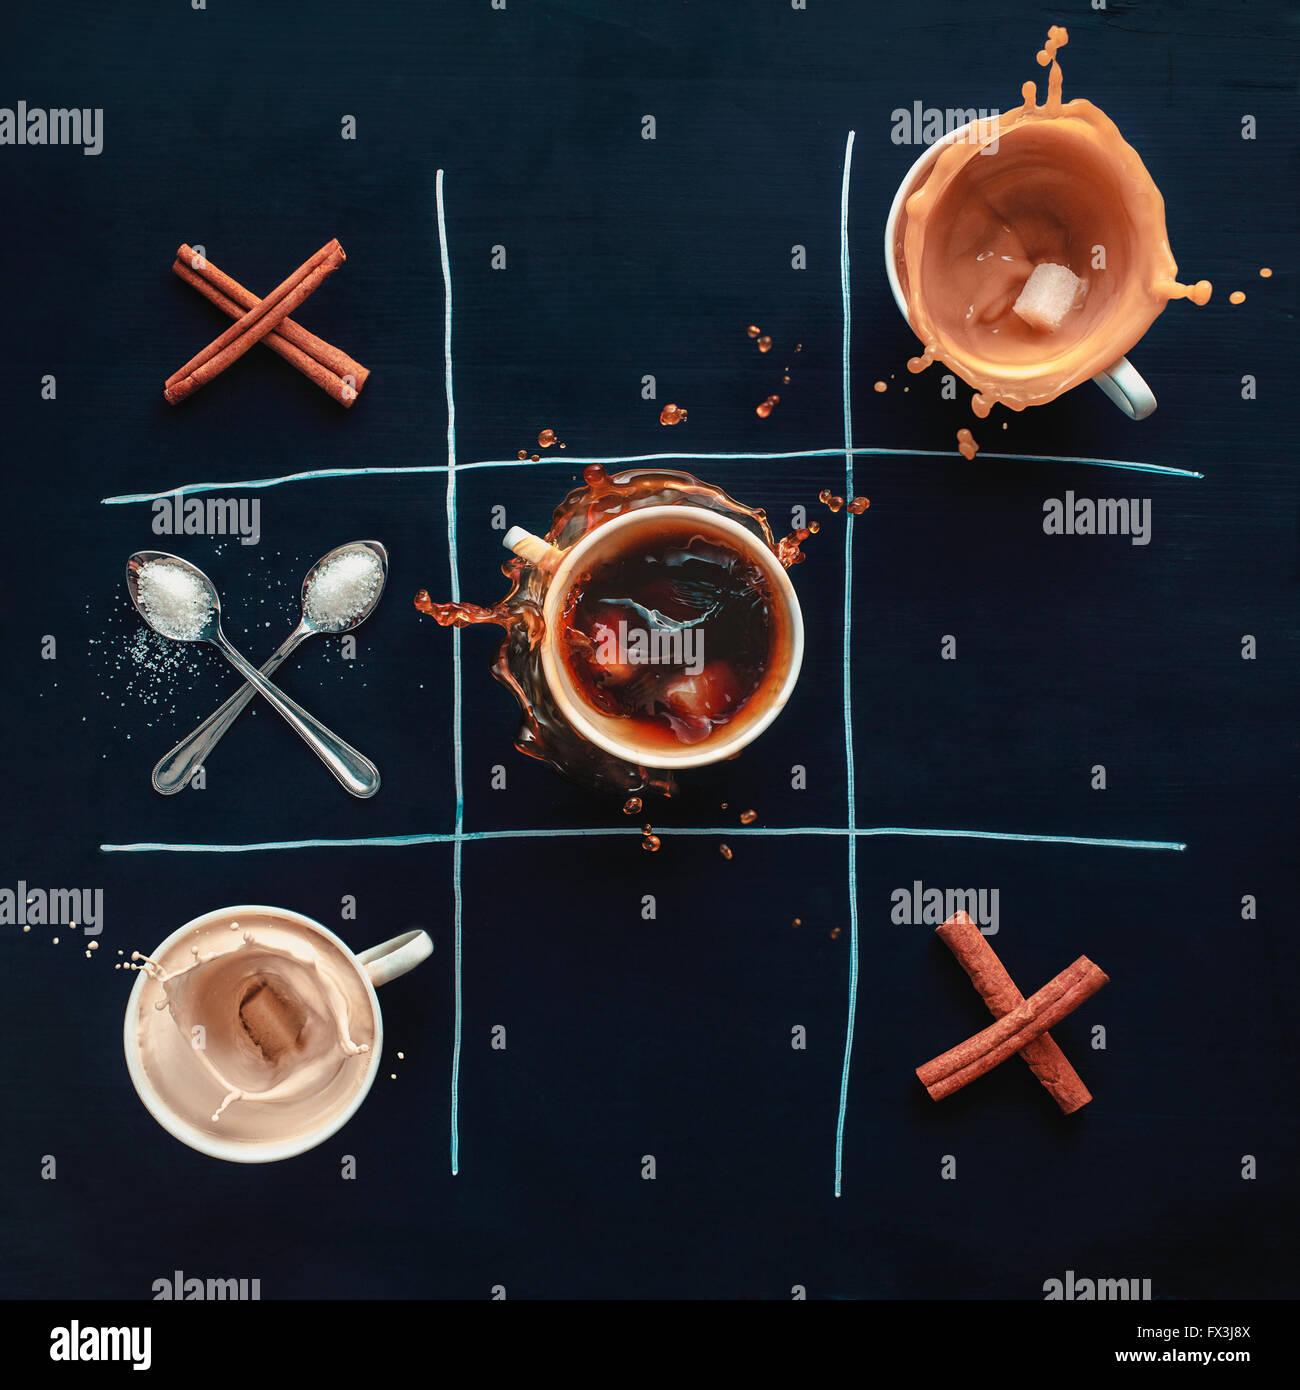 Gana café Imagen De Stock